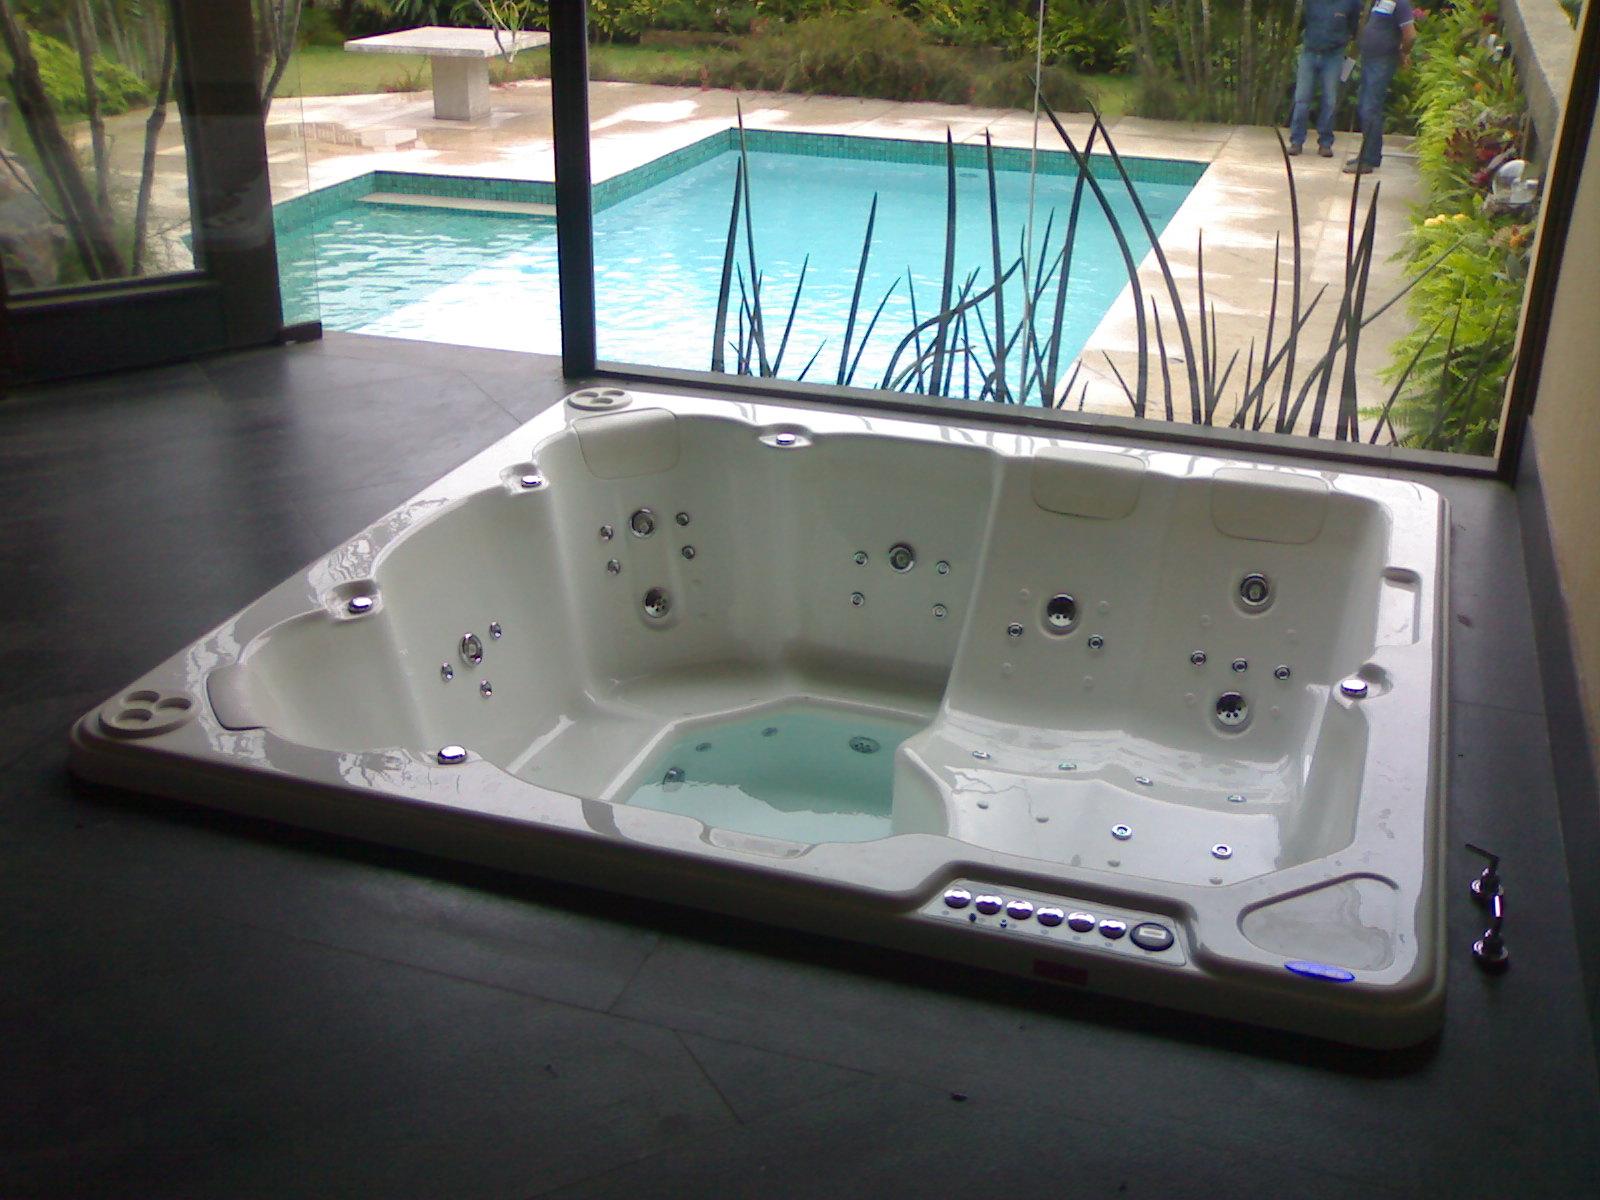 Abaixo imagens da Banheira Spa Playazo do catálogo do fabricante  #388993 1600x1200 Banheiro Com Banheira Dimensões